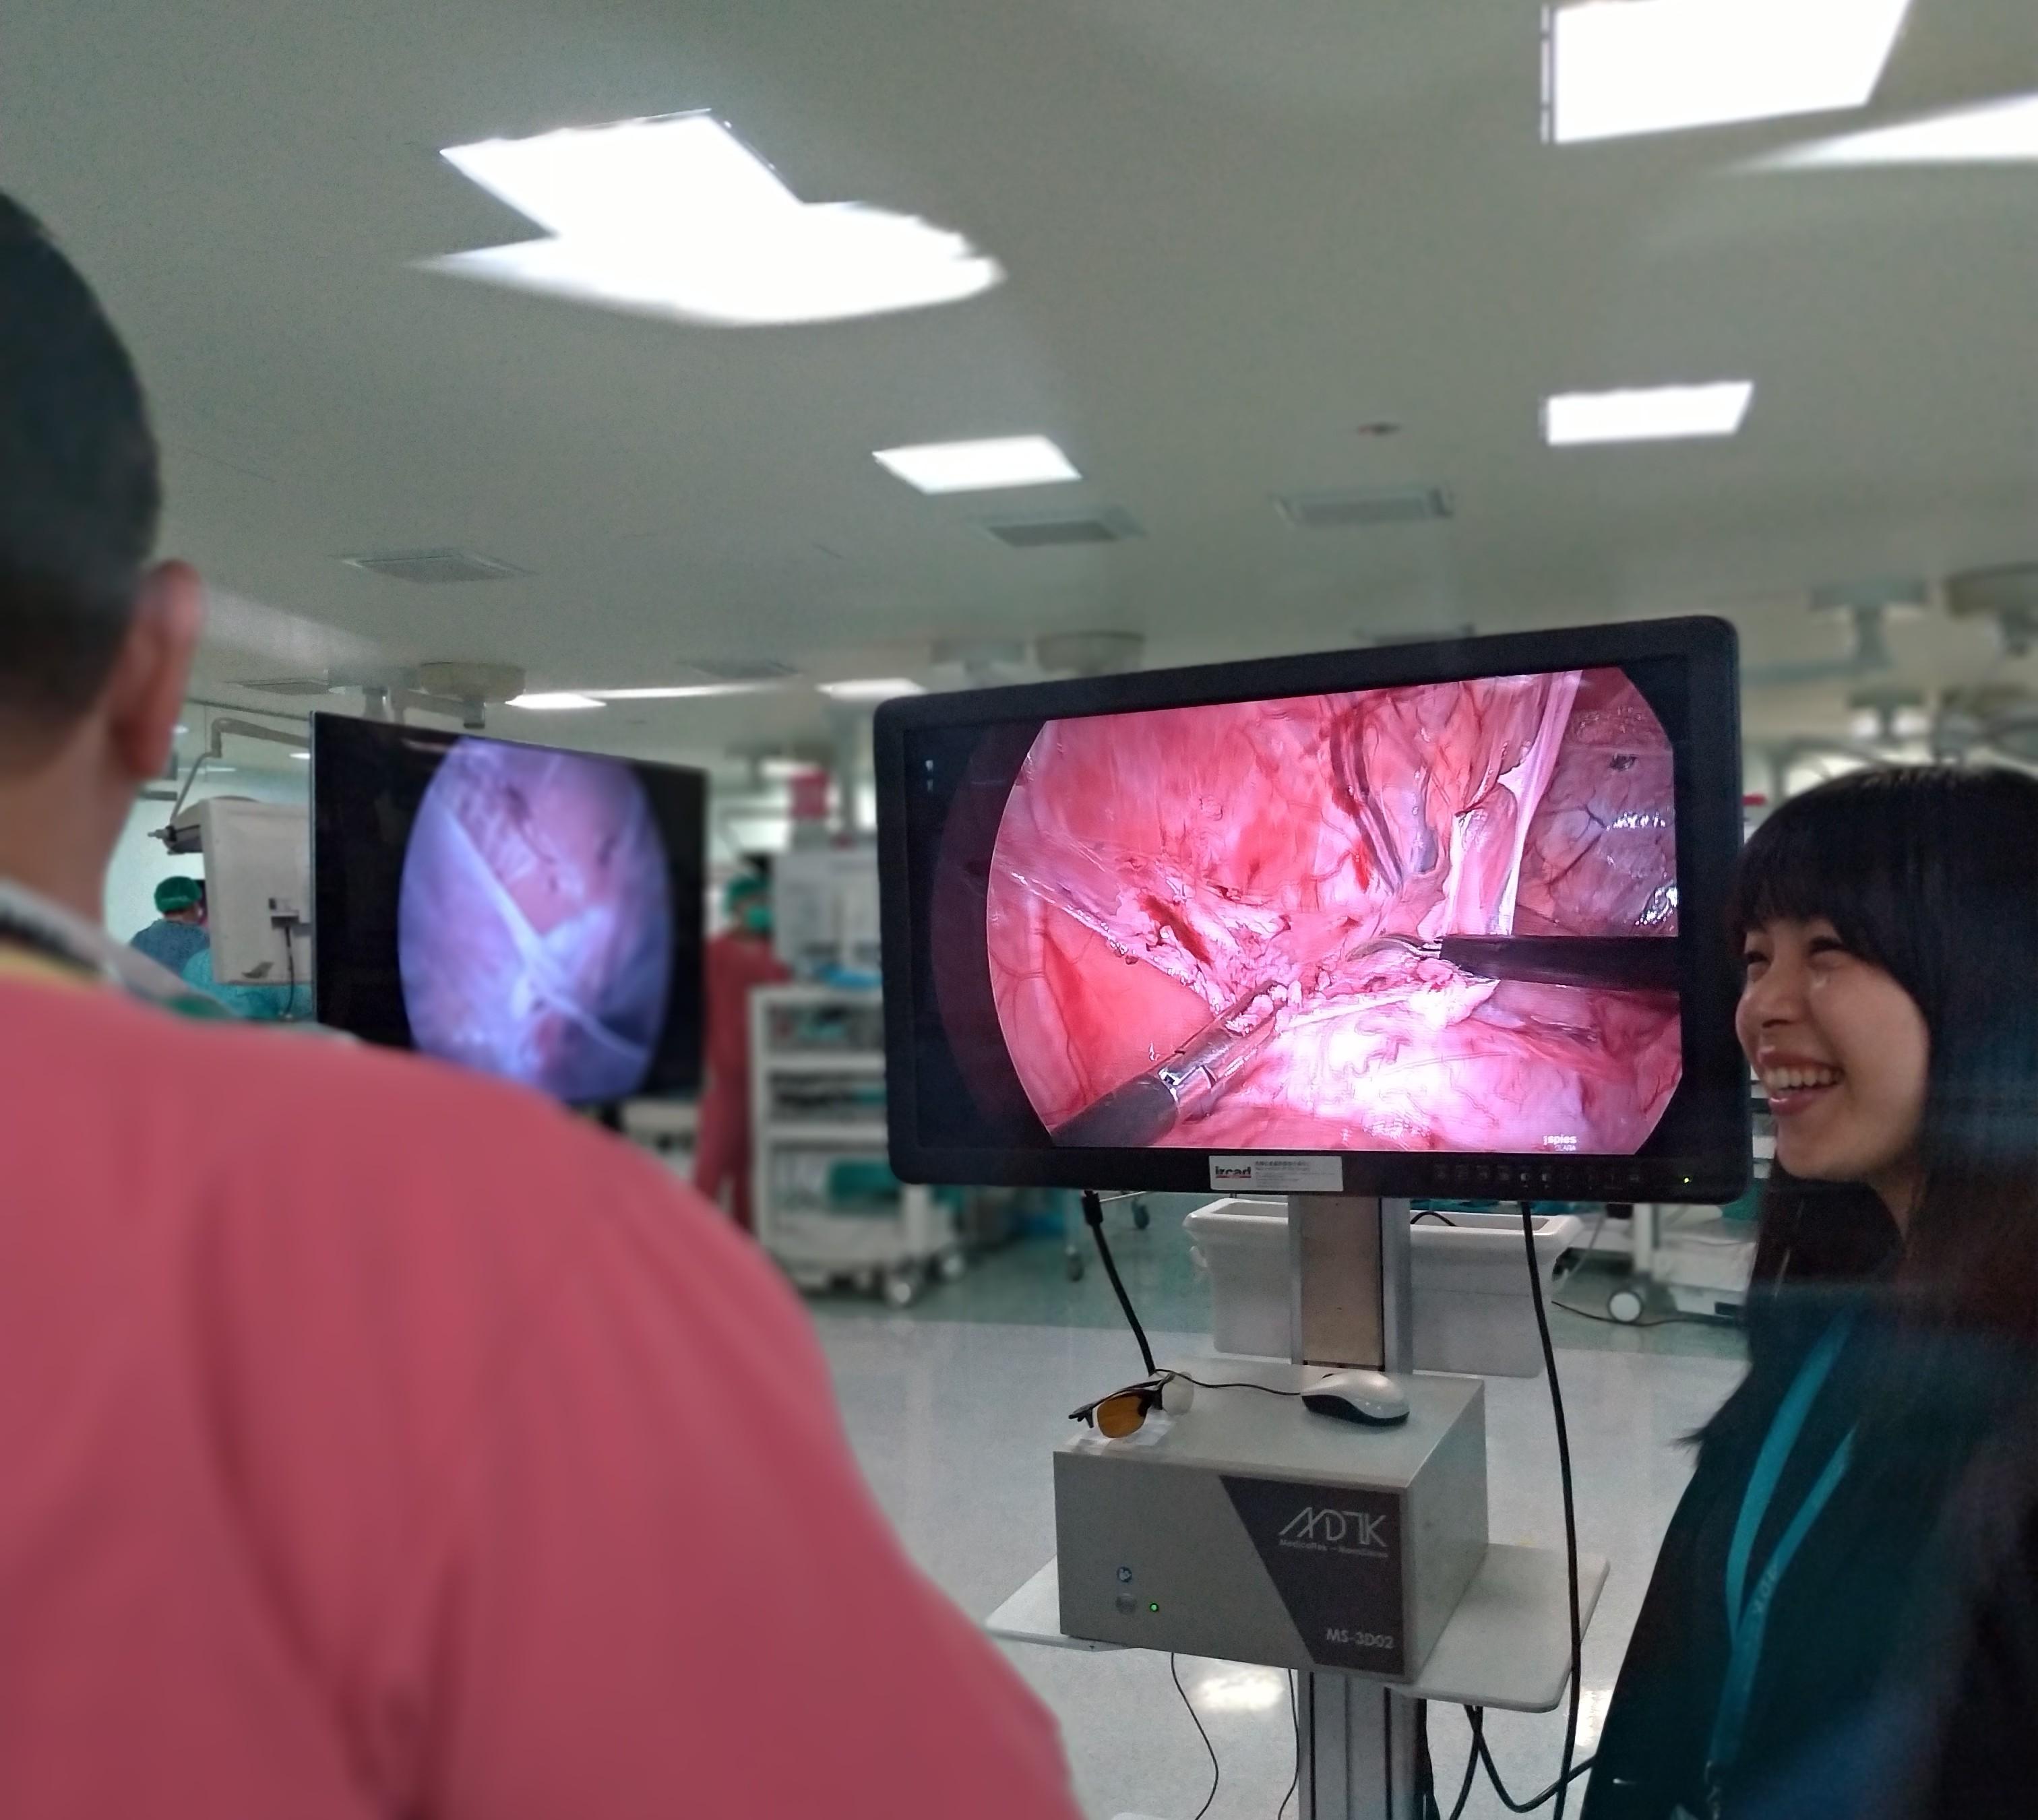 在微創手術訓練課程中向醫師進行產品展示及介紹